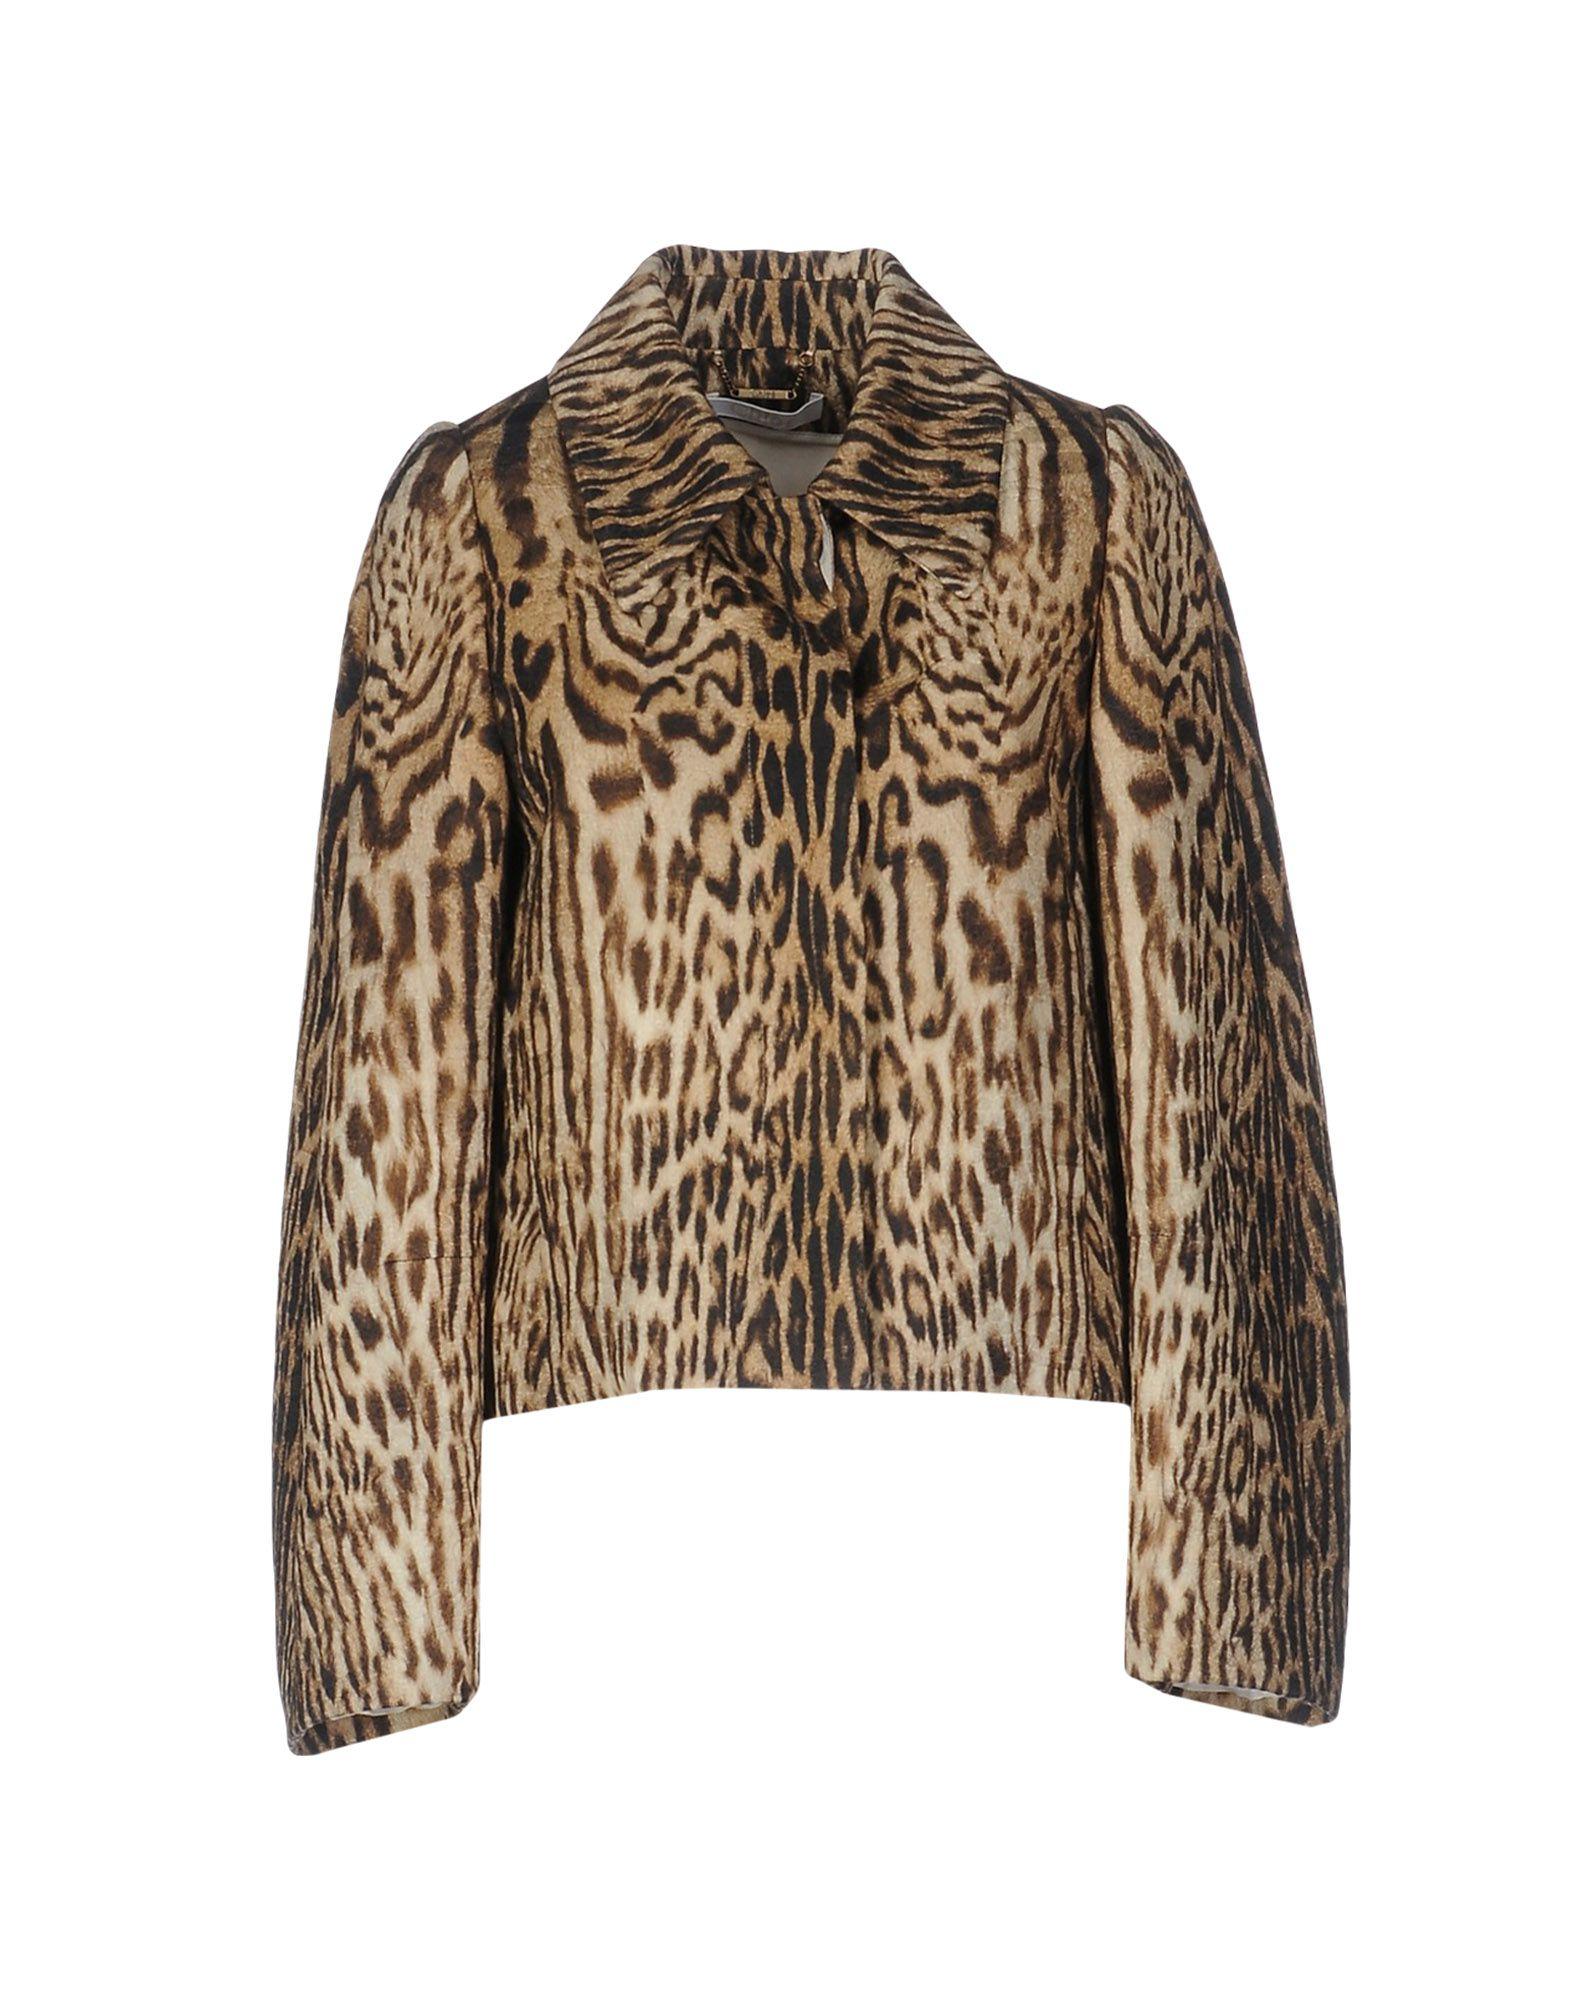 CHLOÉ Damen Jackett Farbe Beige Größe 5 jetztbilligerkaufen